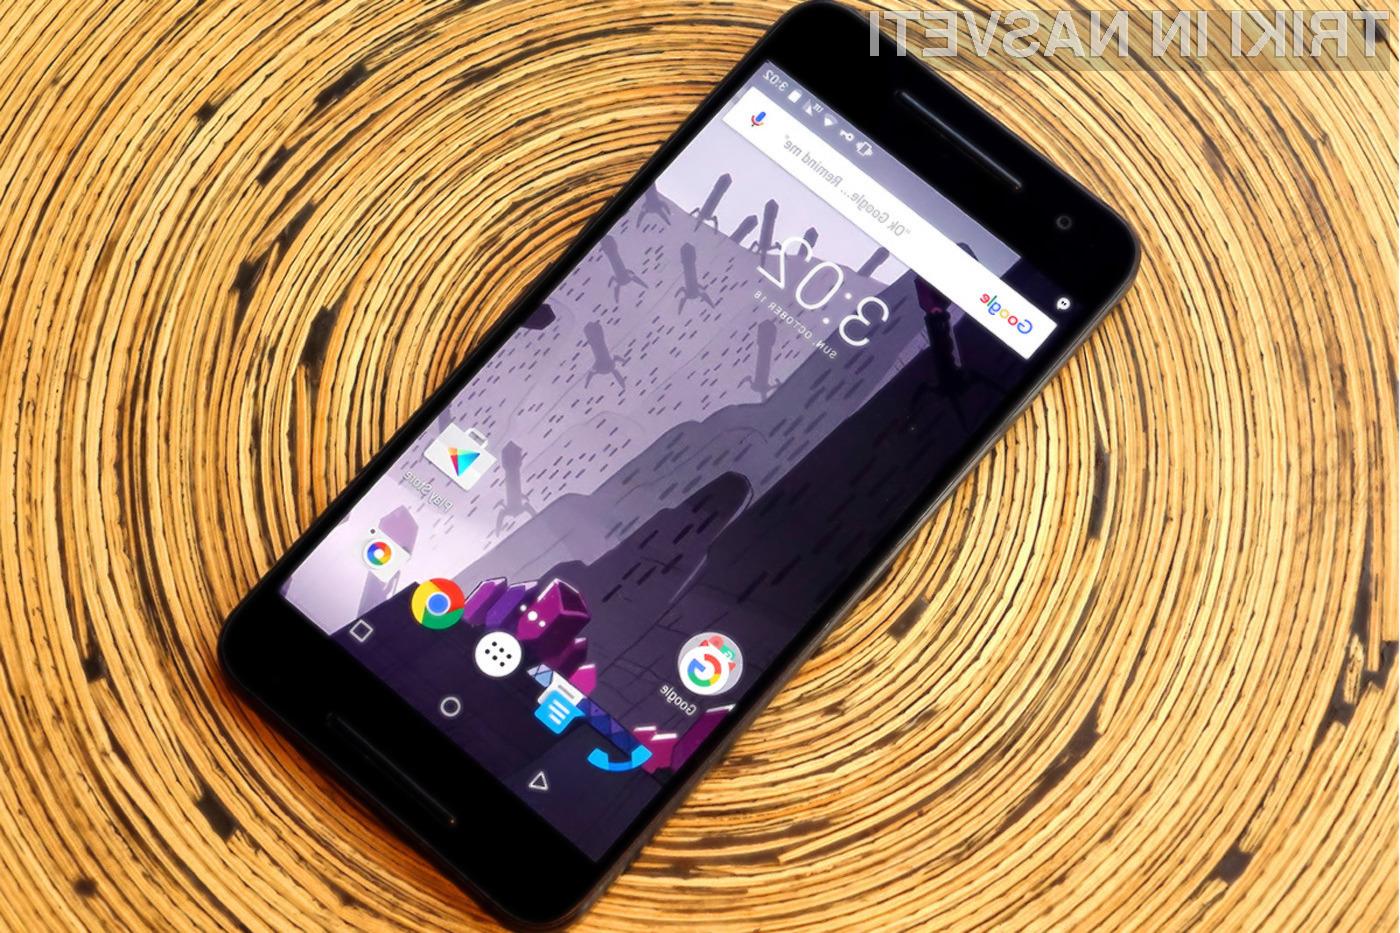 Uporabniki mobilnih naprav Nexus nimajo več omejitev v okviru storitve Google Photos.